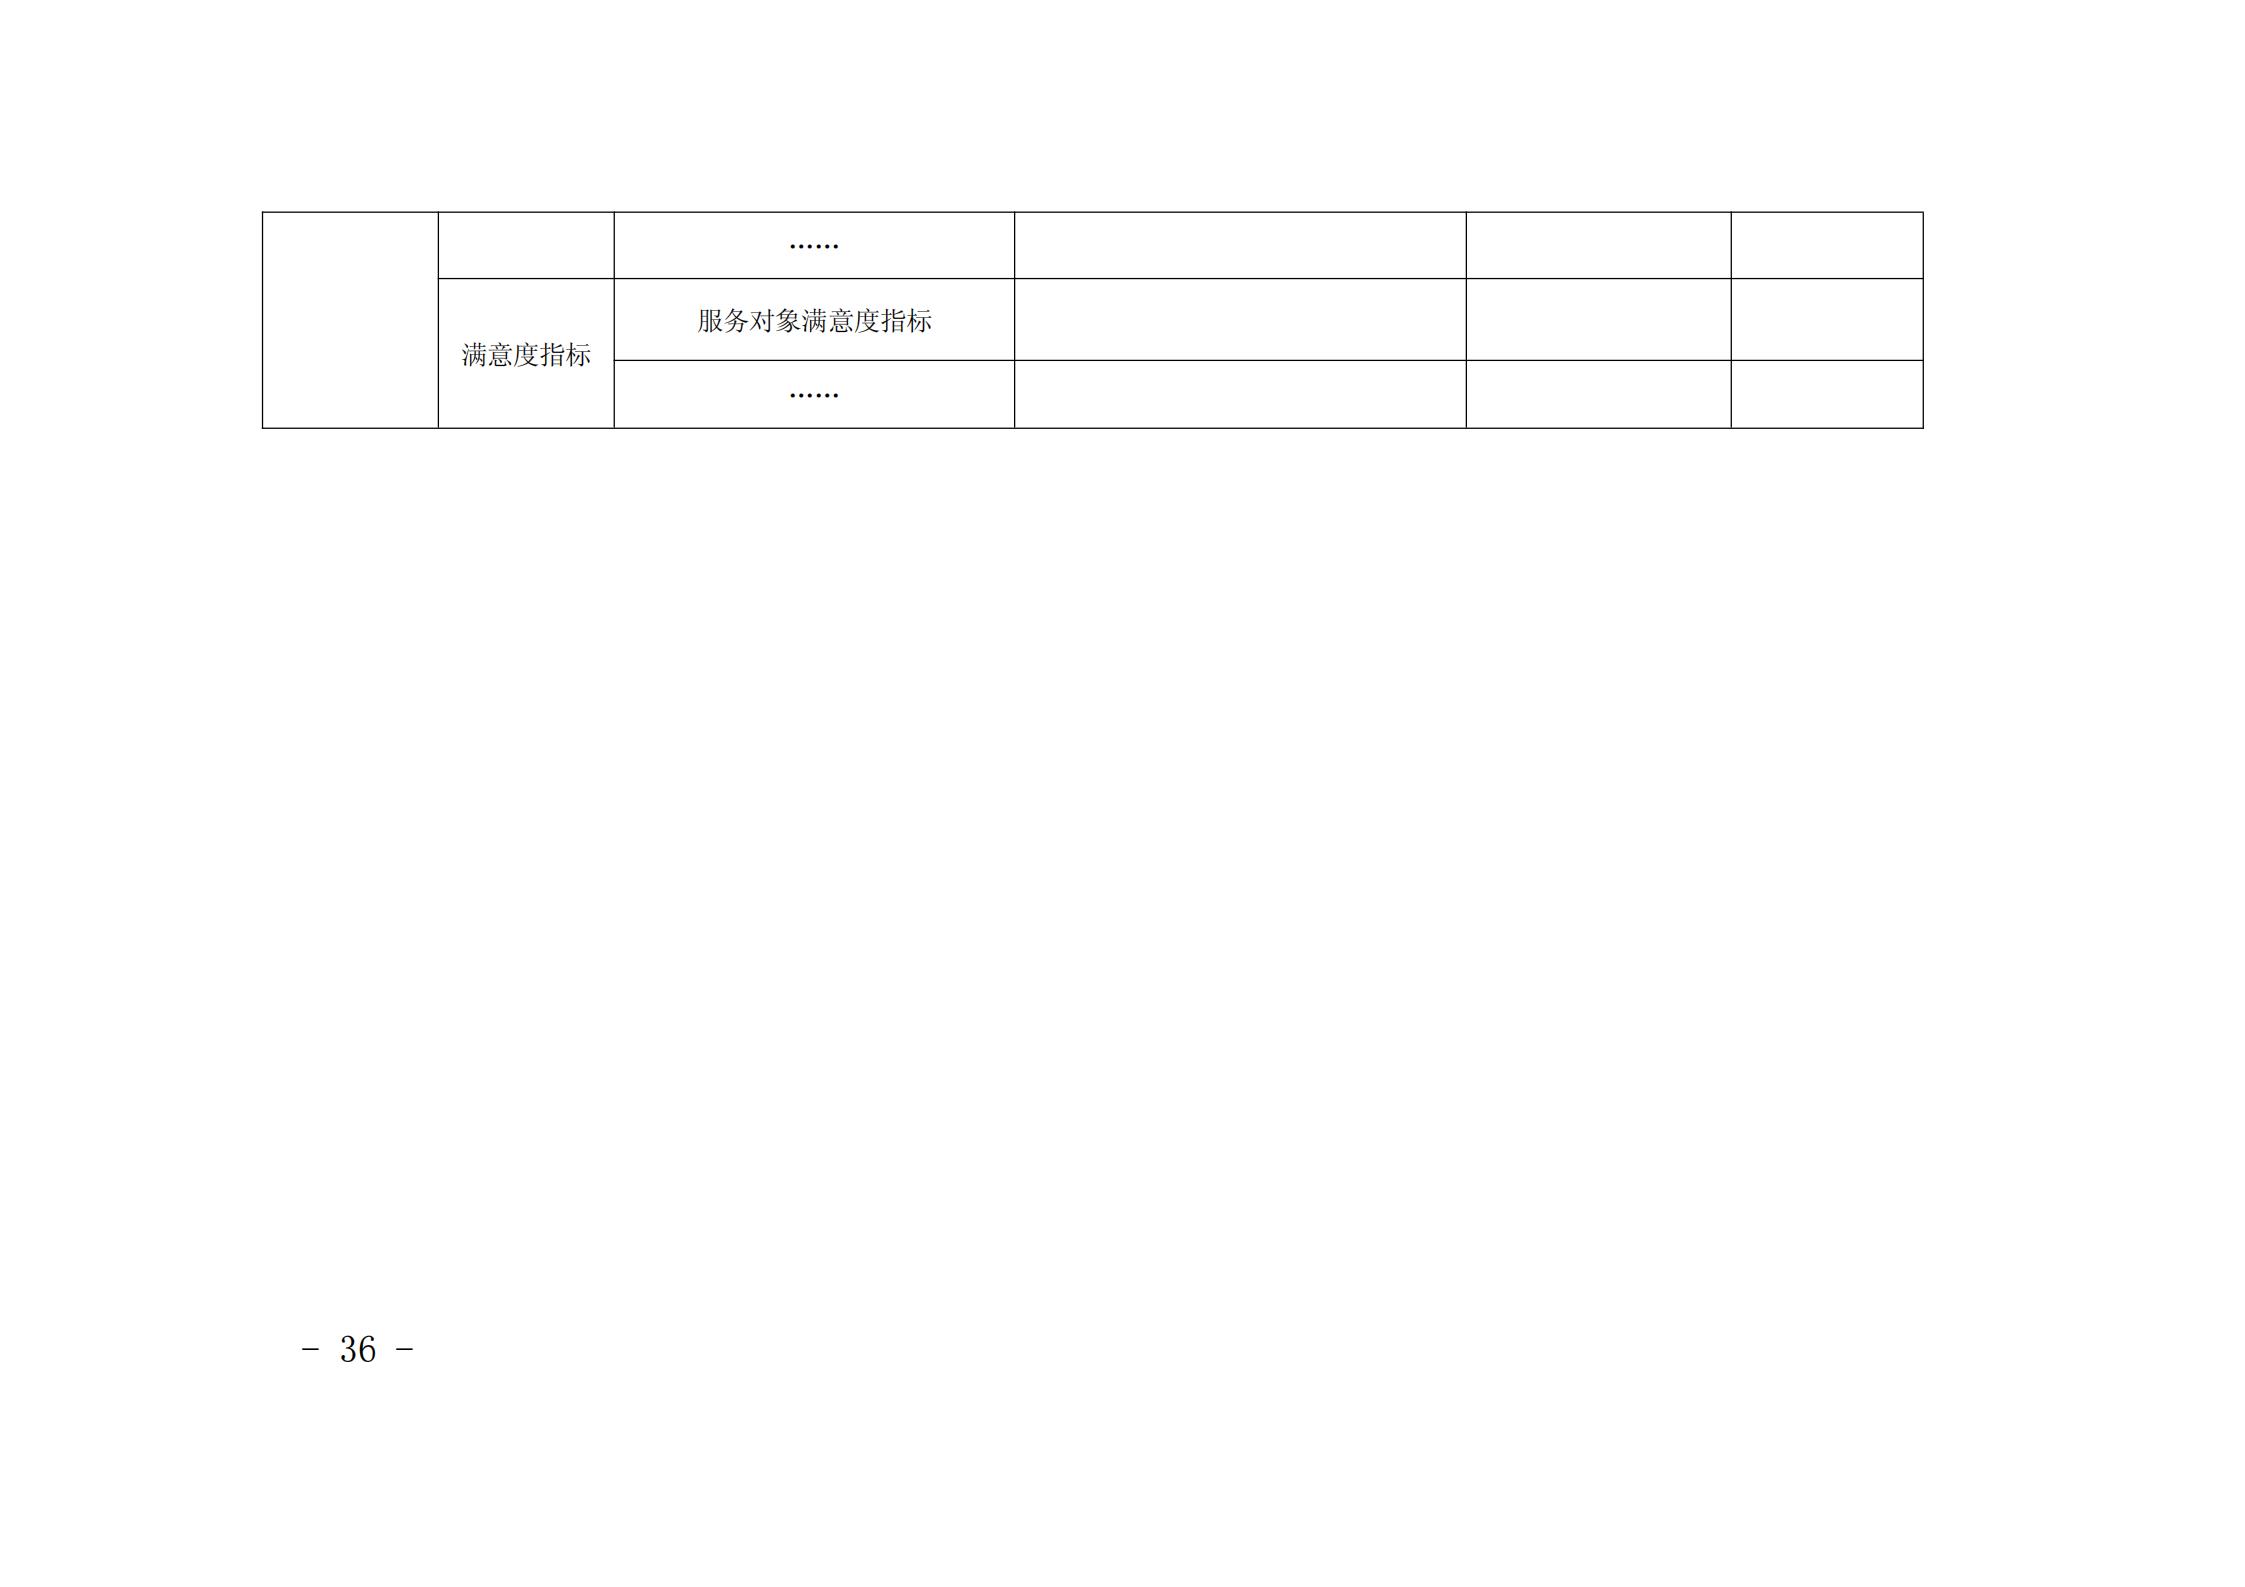 """贵阳市青少年宫2021年度市级部门预算、""""三公""""经费预算公开说明_35.png"""